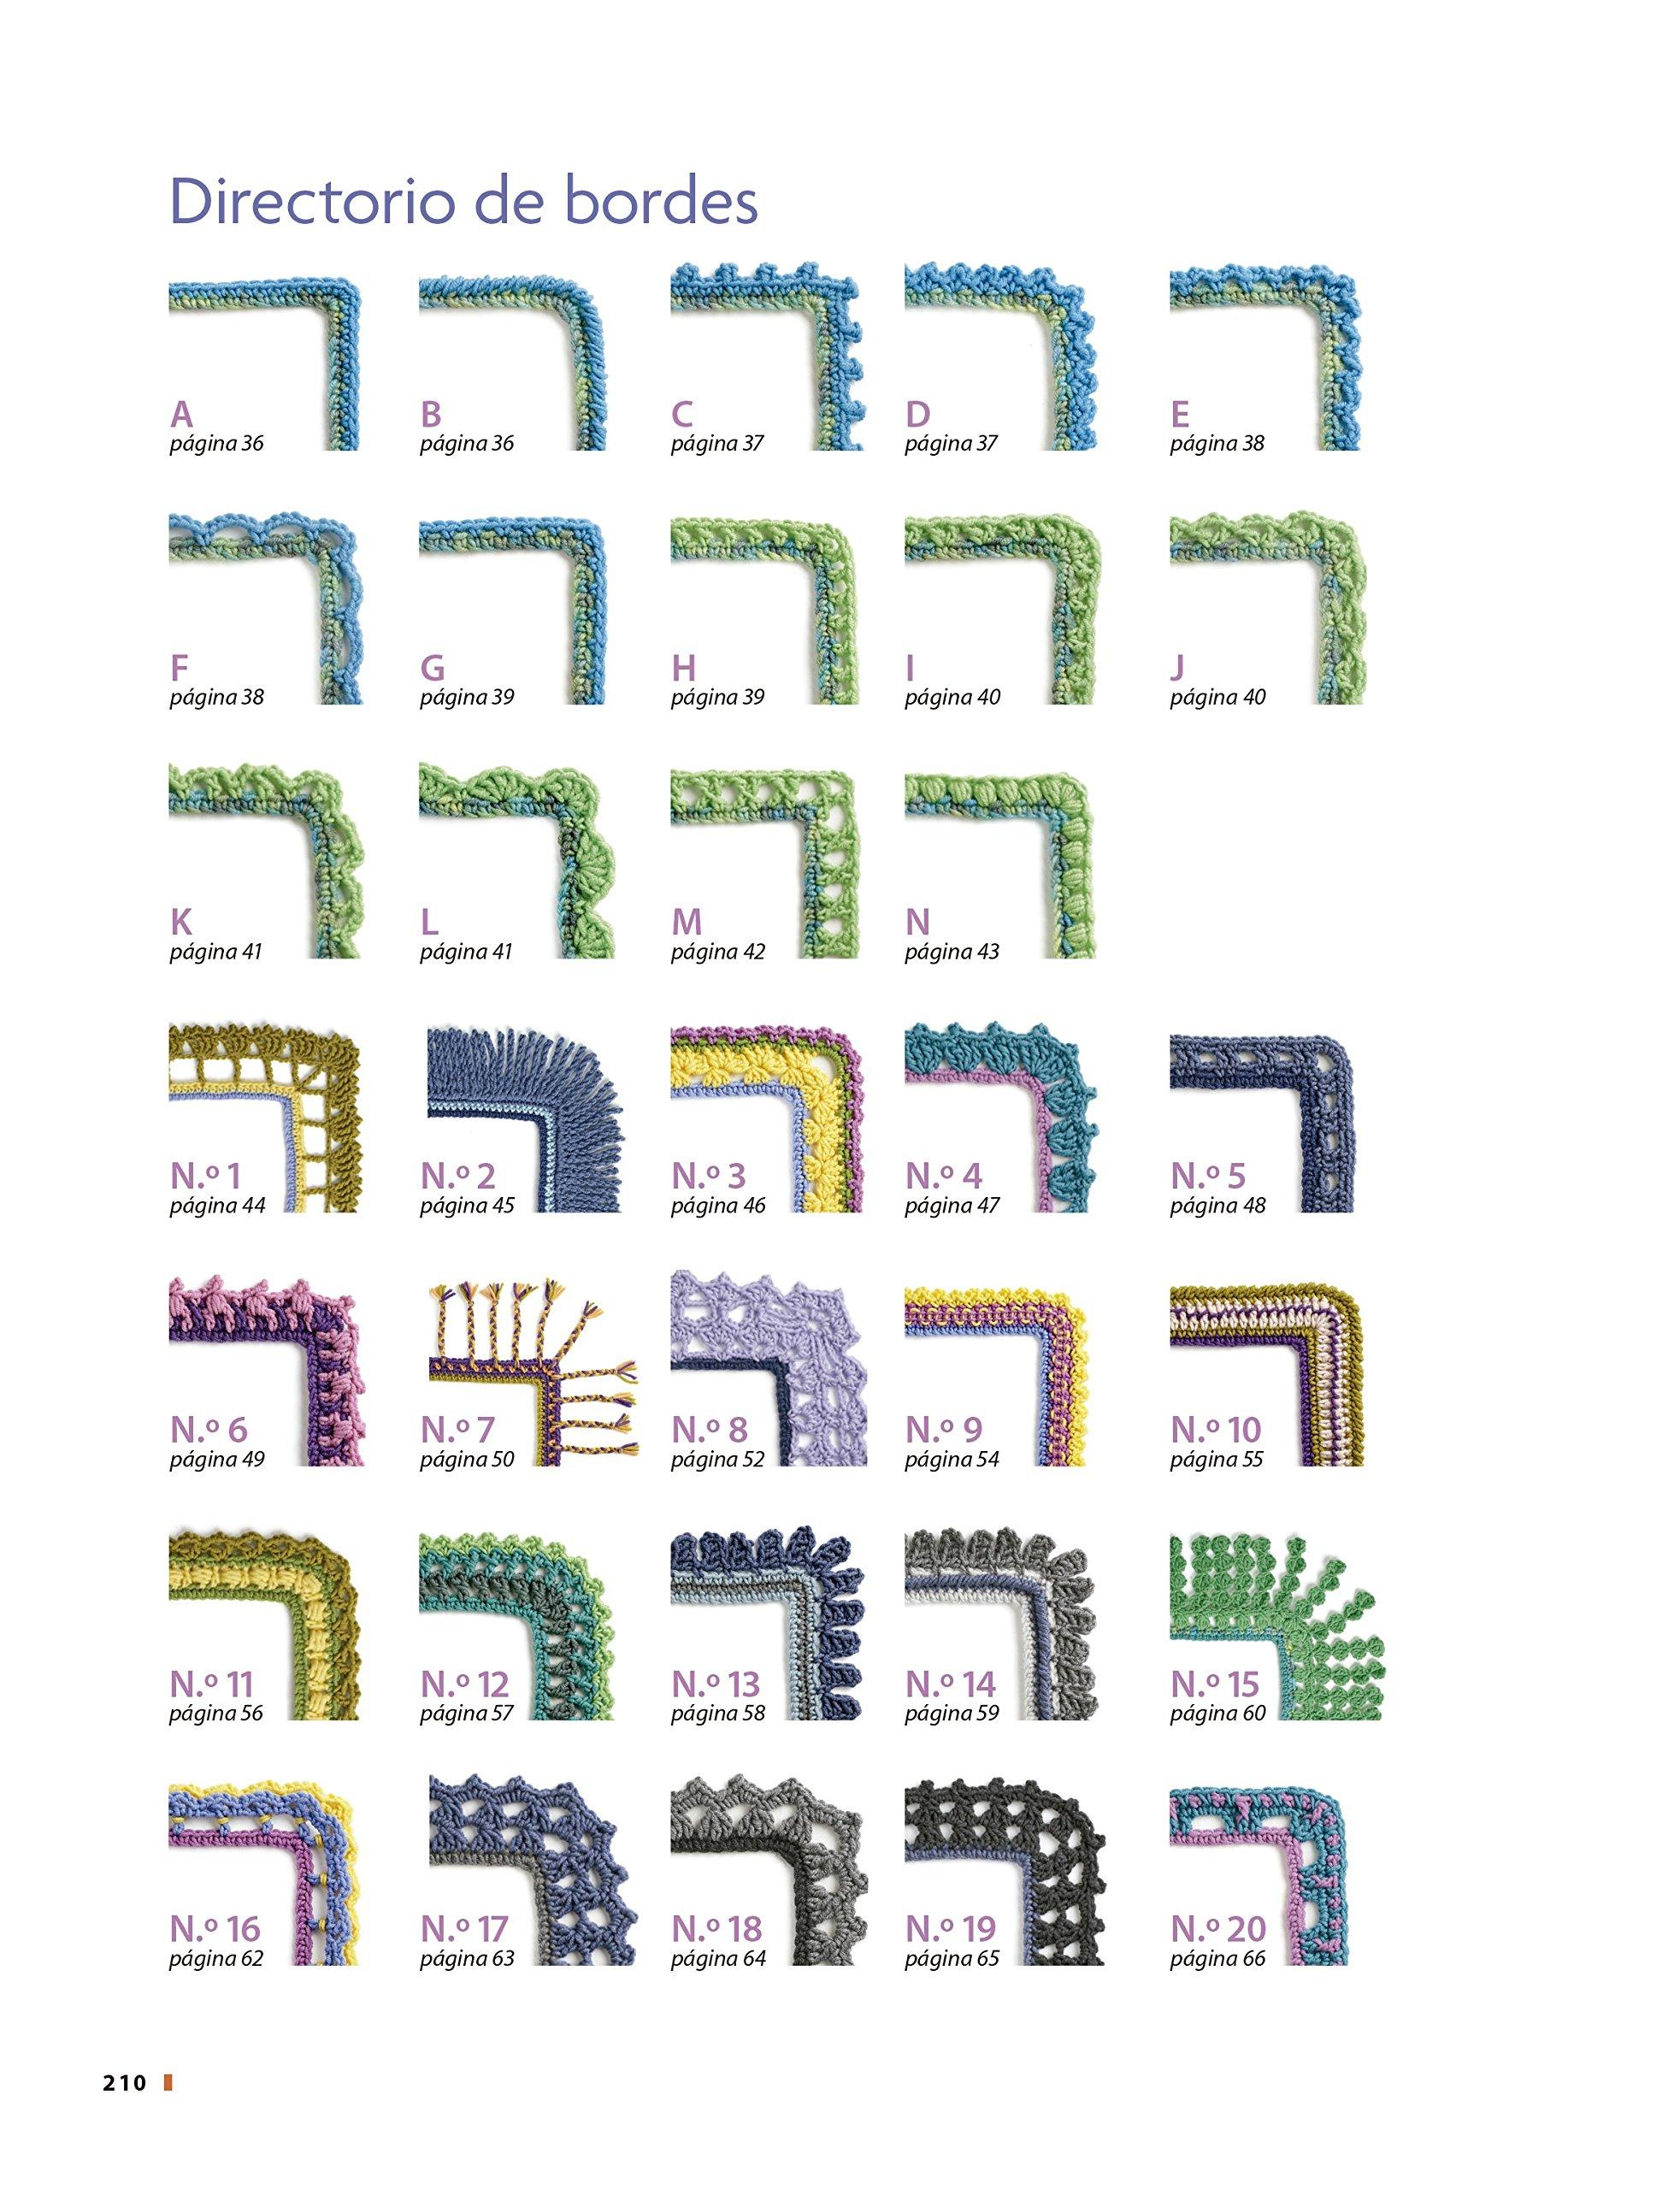 Nuevos diseños de bordes de ganchillo: Amazon.es: Edie Eckman: Libros